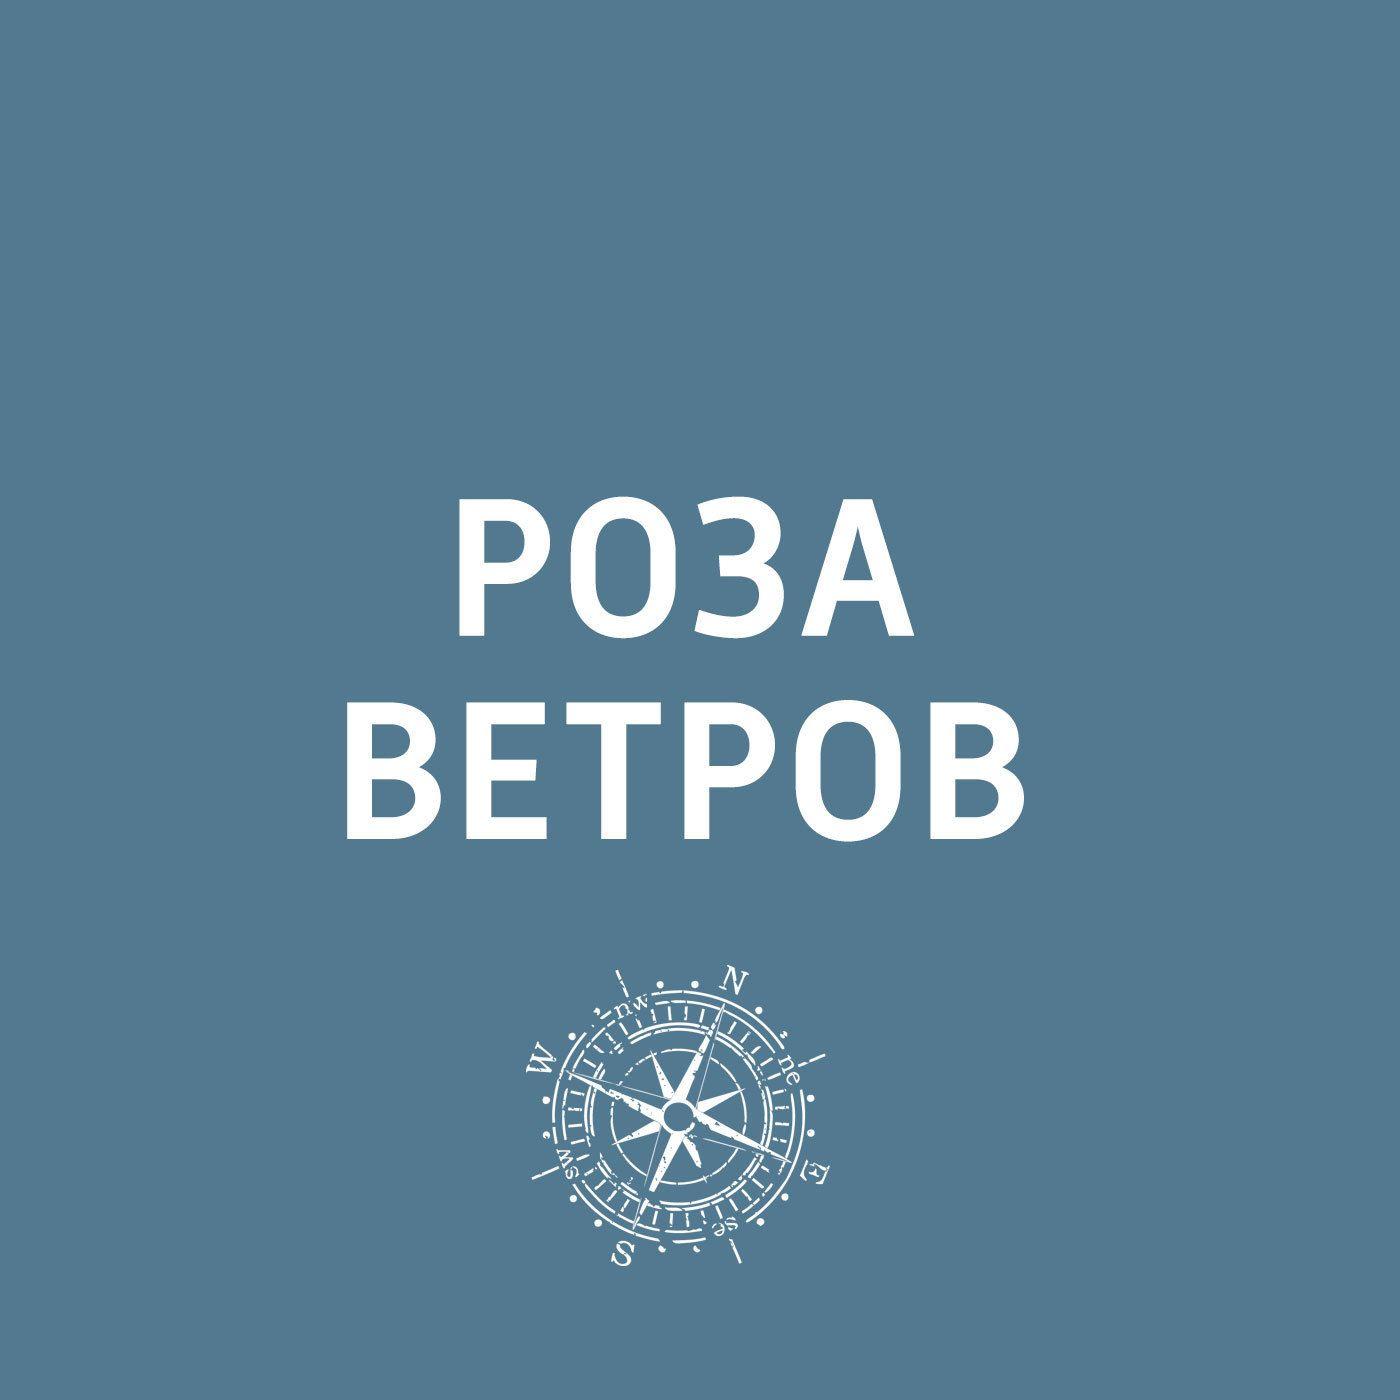 Творческий коллектив шоу «Уральские самоцветы» Акцент россиян занял 34 место из 50 по степени привлекательности для противоположного пола